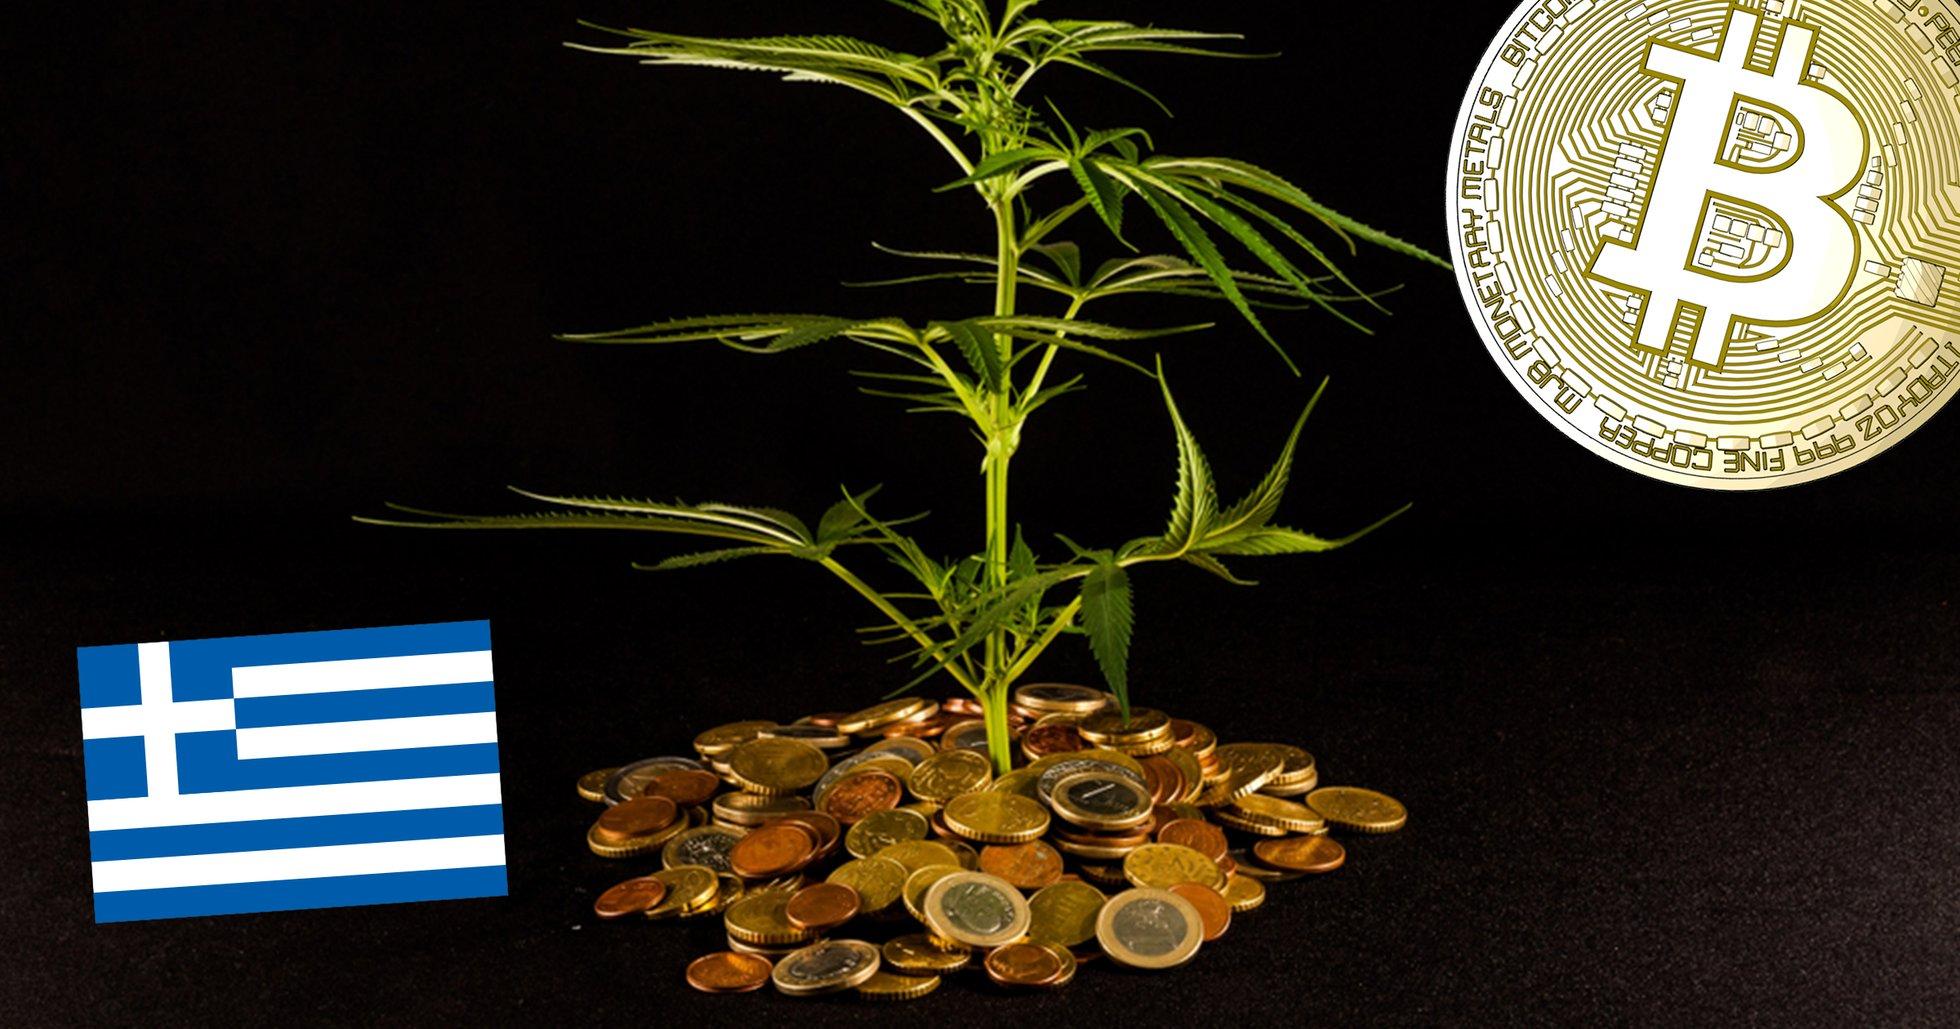 Grekiska miljardären skapar kryptovaluta – backad av cannabis